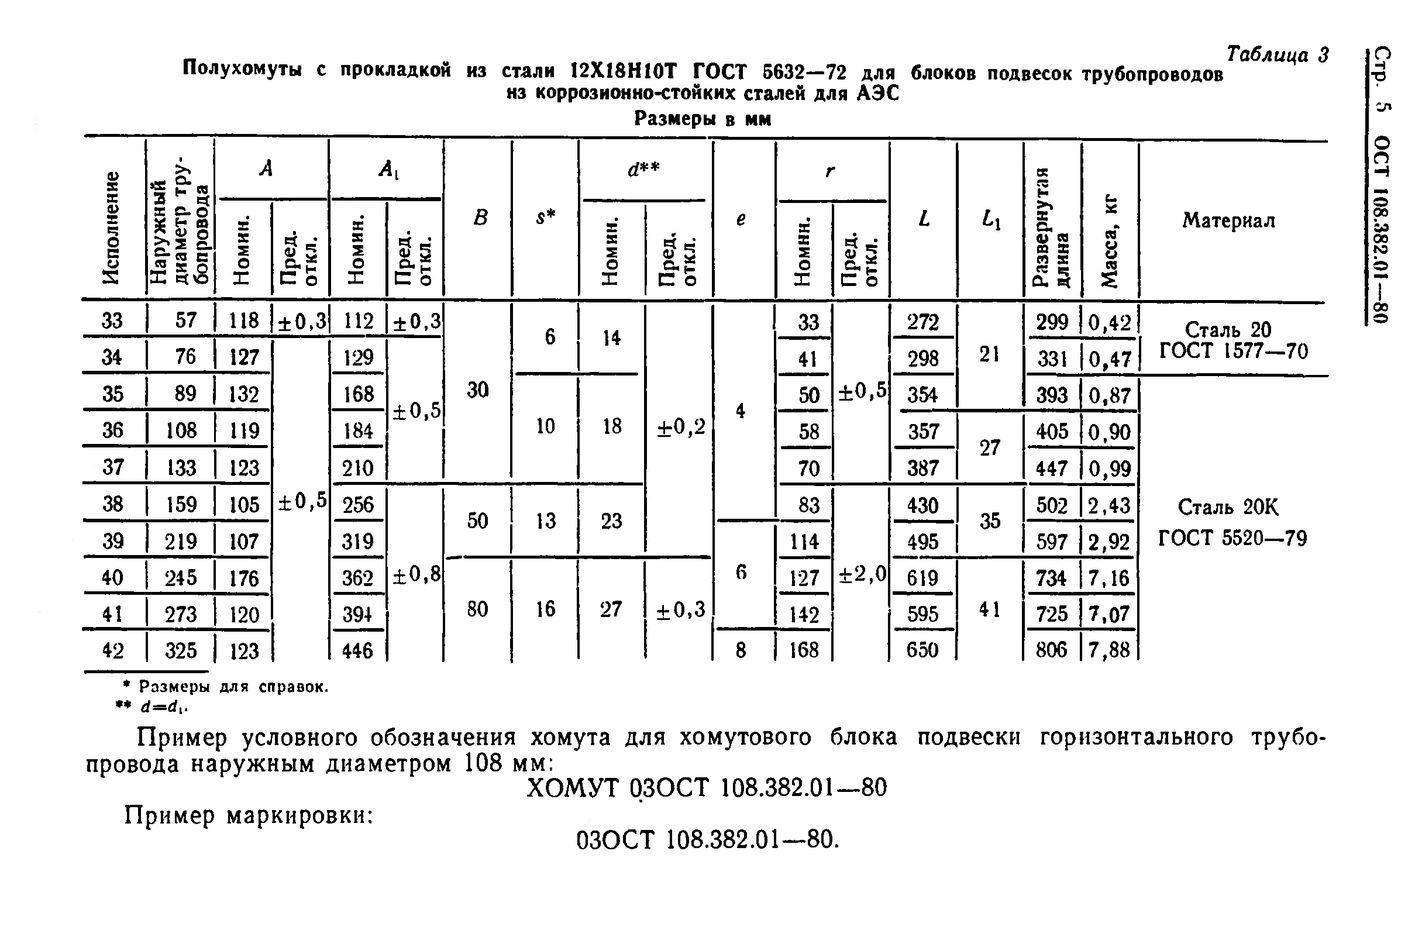 Полухомуты для хомутовых блоков подвесок горизонтальных трубопроводов ОСТ 108.382.01-80 стр.5